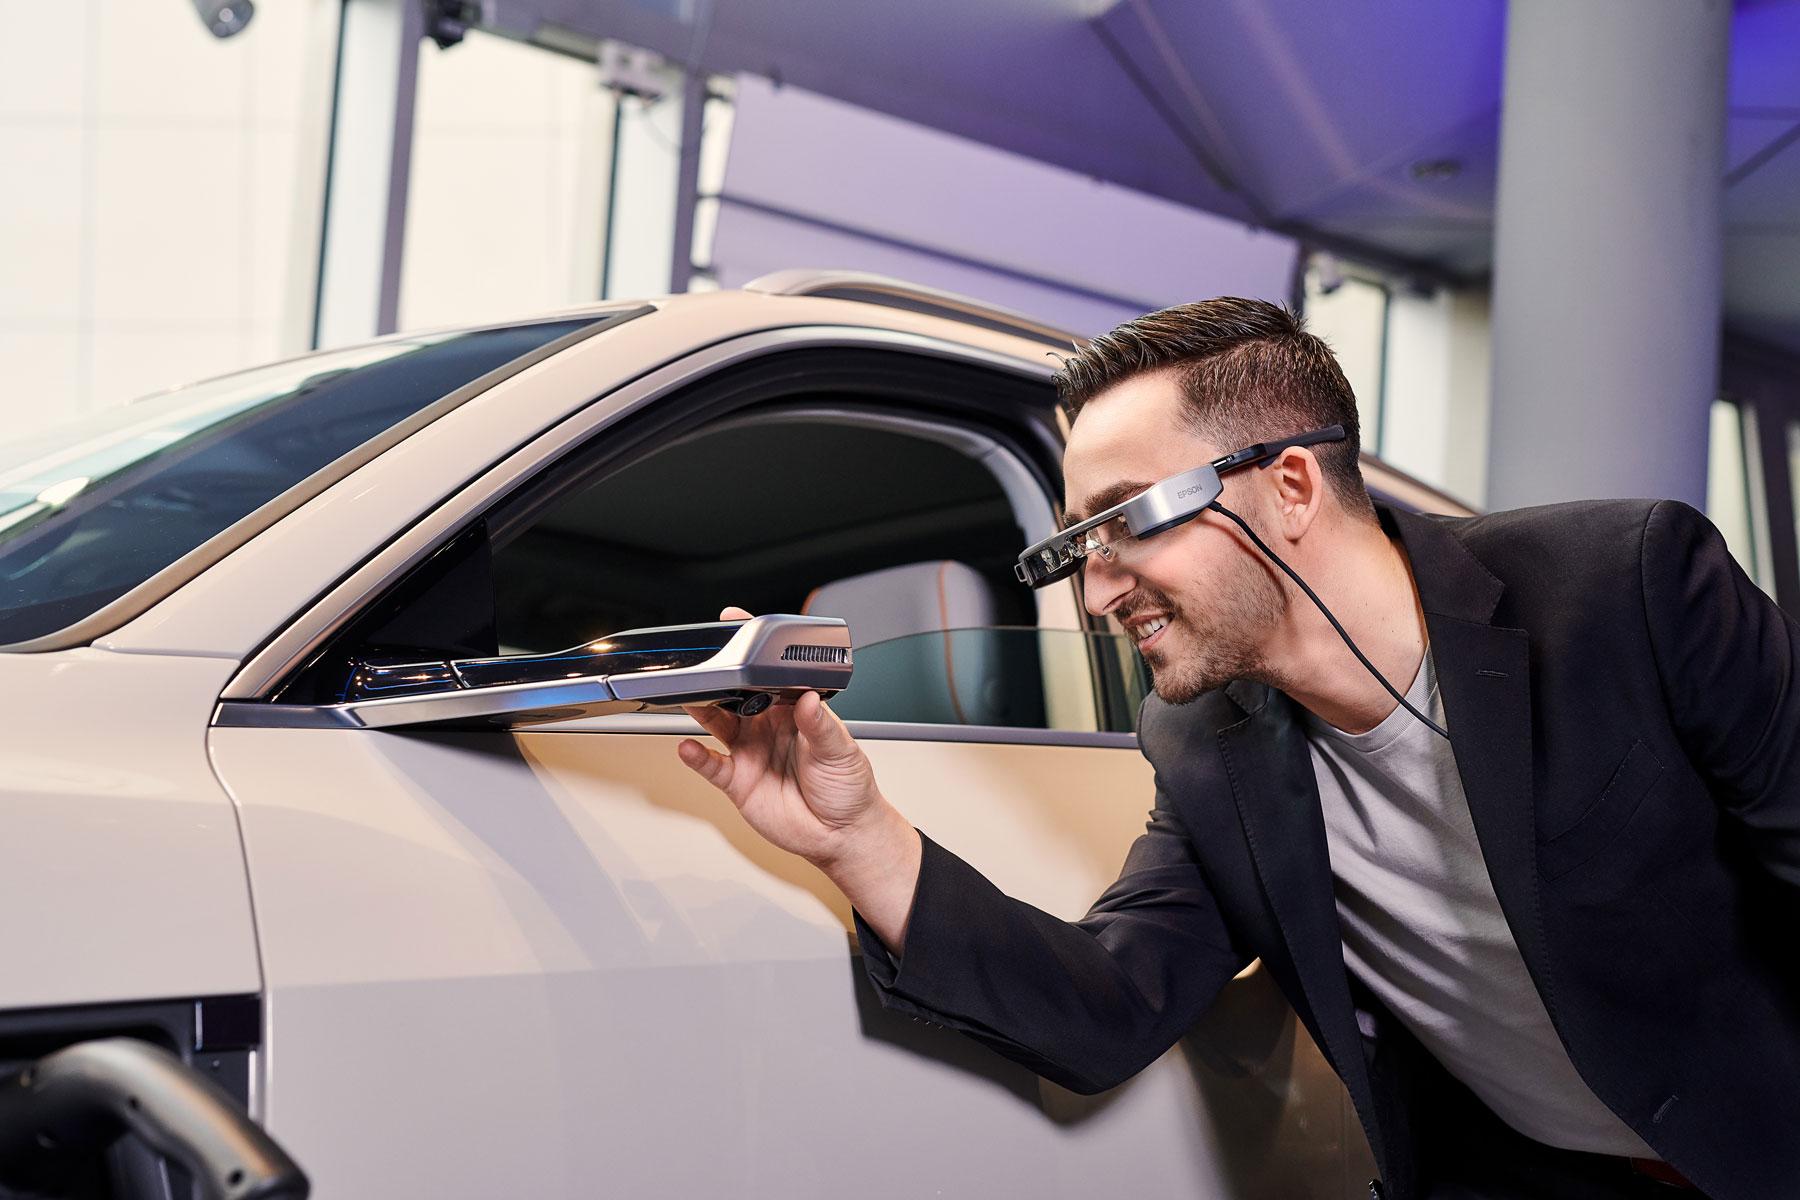 Faccia a faccia con l'Audi e tron: grazie agli occhiali digitali del consulente potrete vedere tutti i dettagli, compreso lo specchietto retrovisore esterno virtuale. (AUDI)